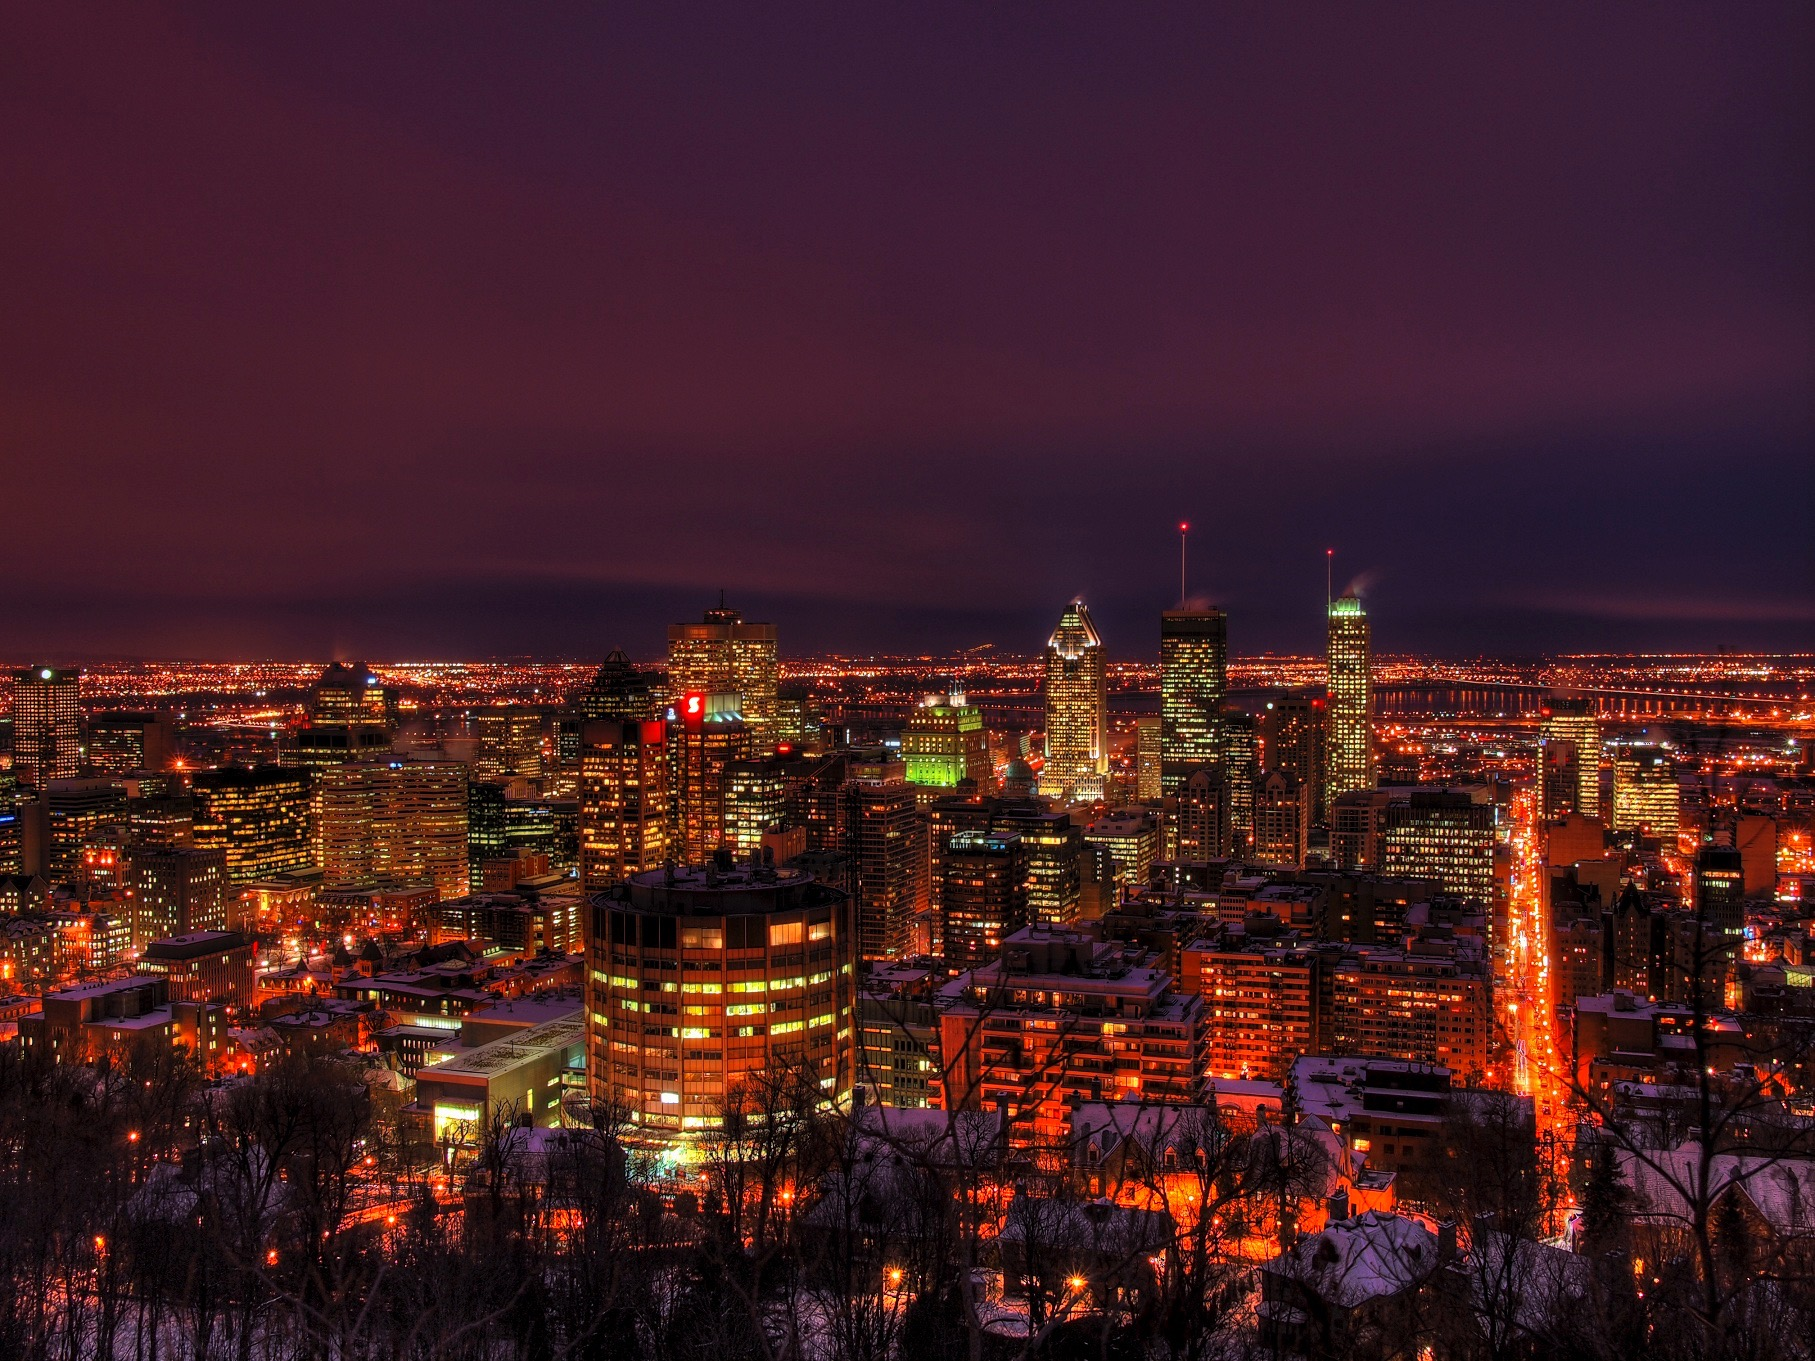 Sortie en ski de fond à la lueur de la ville